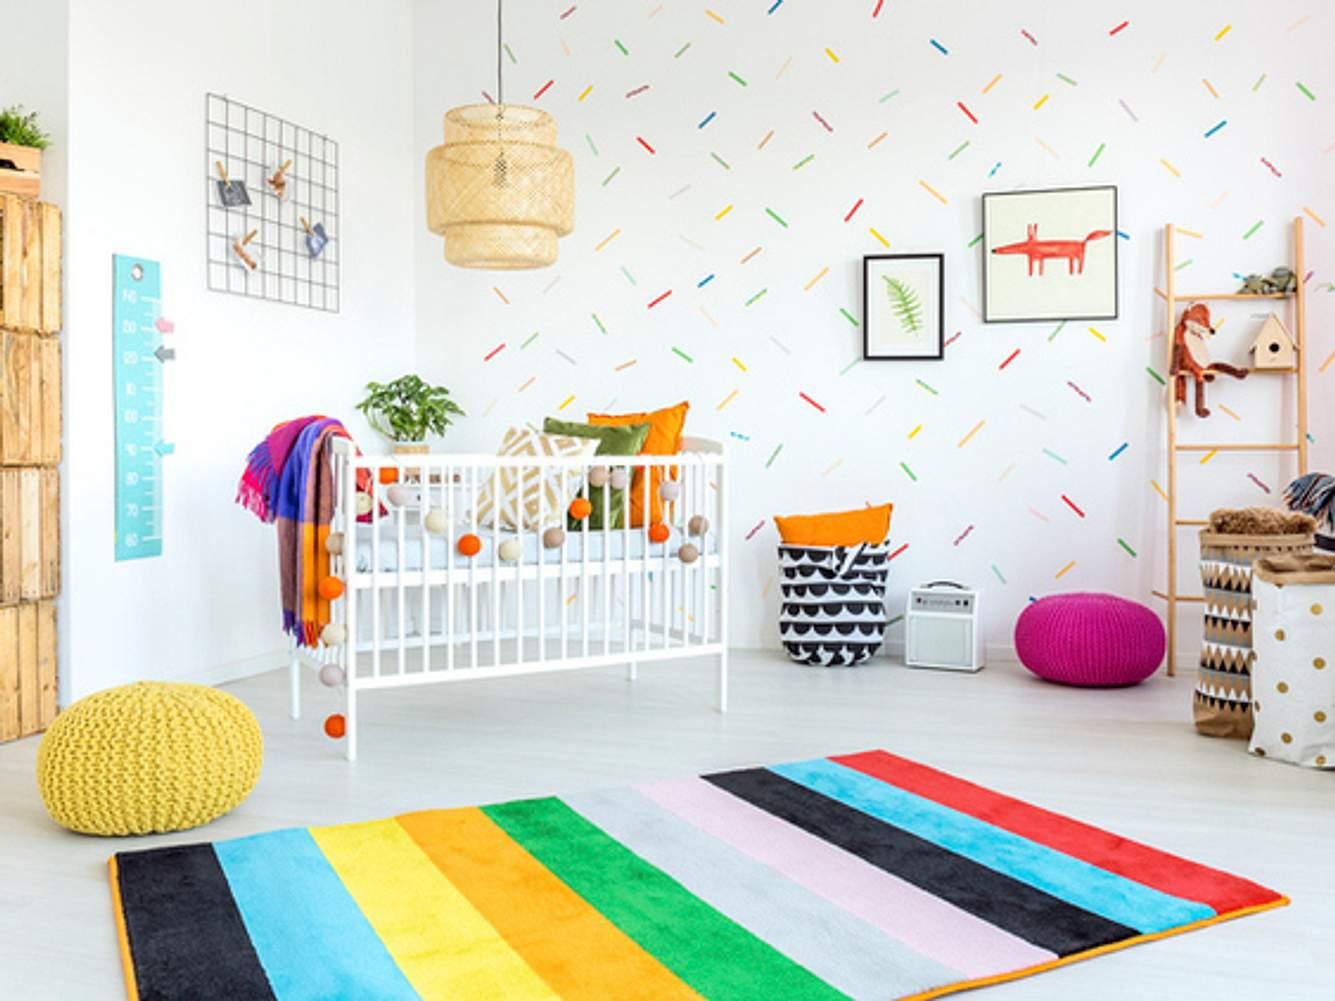 Bunter Kinderteppich im Kinderzimmer